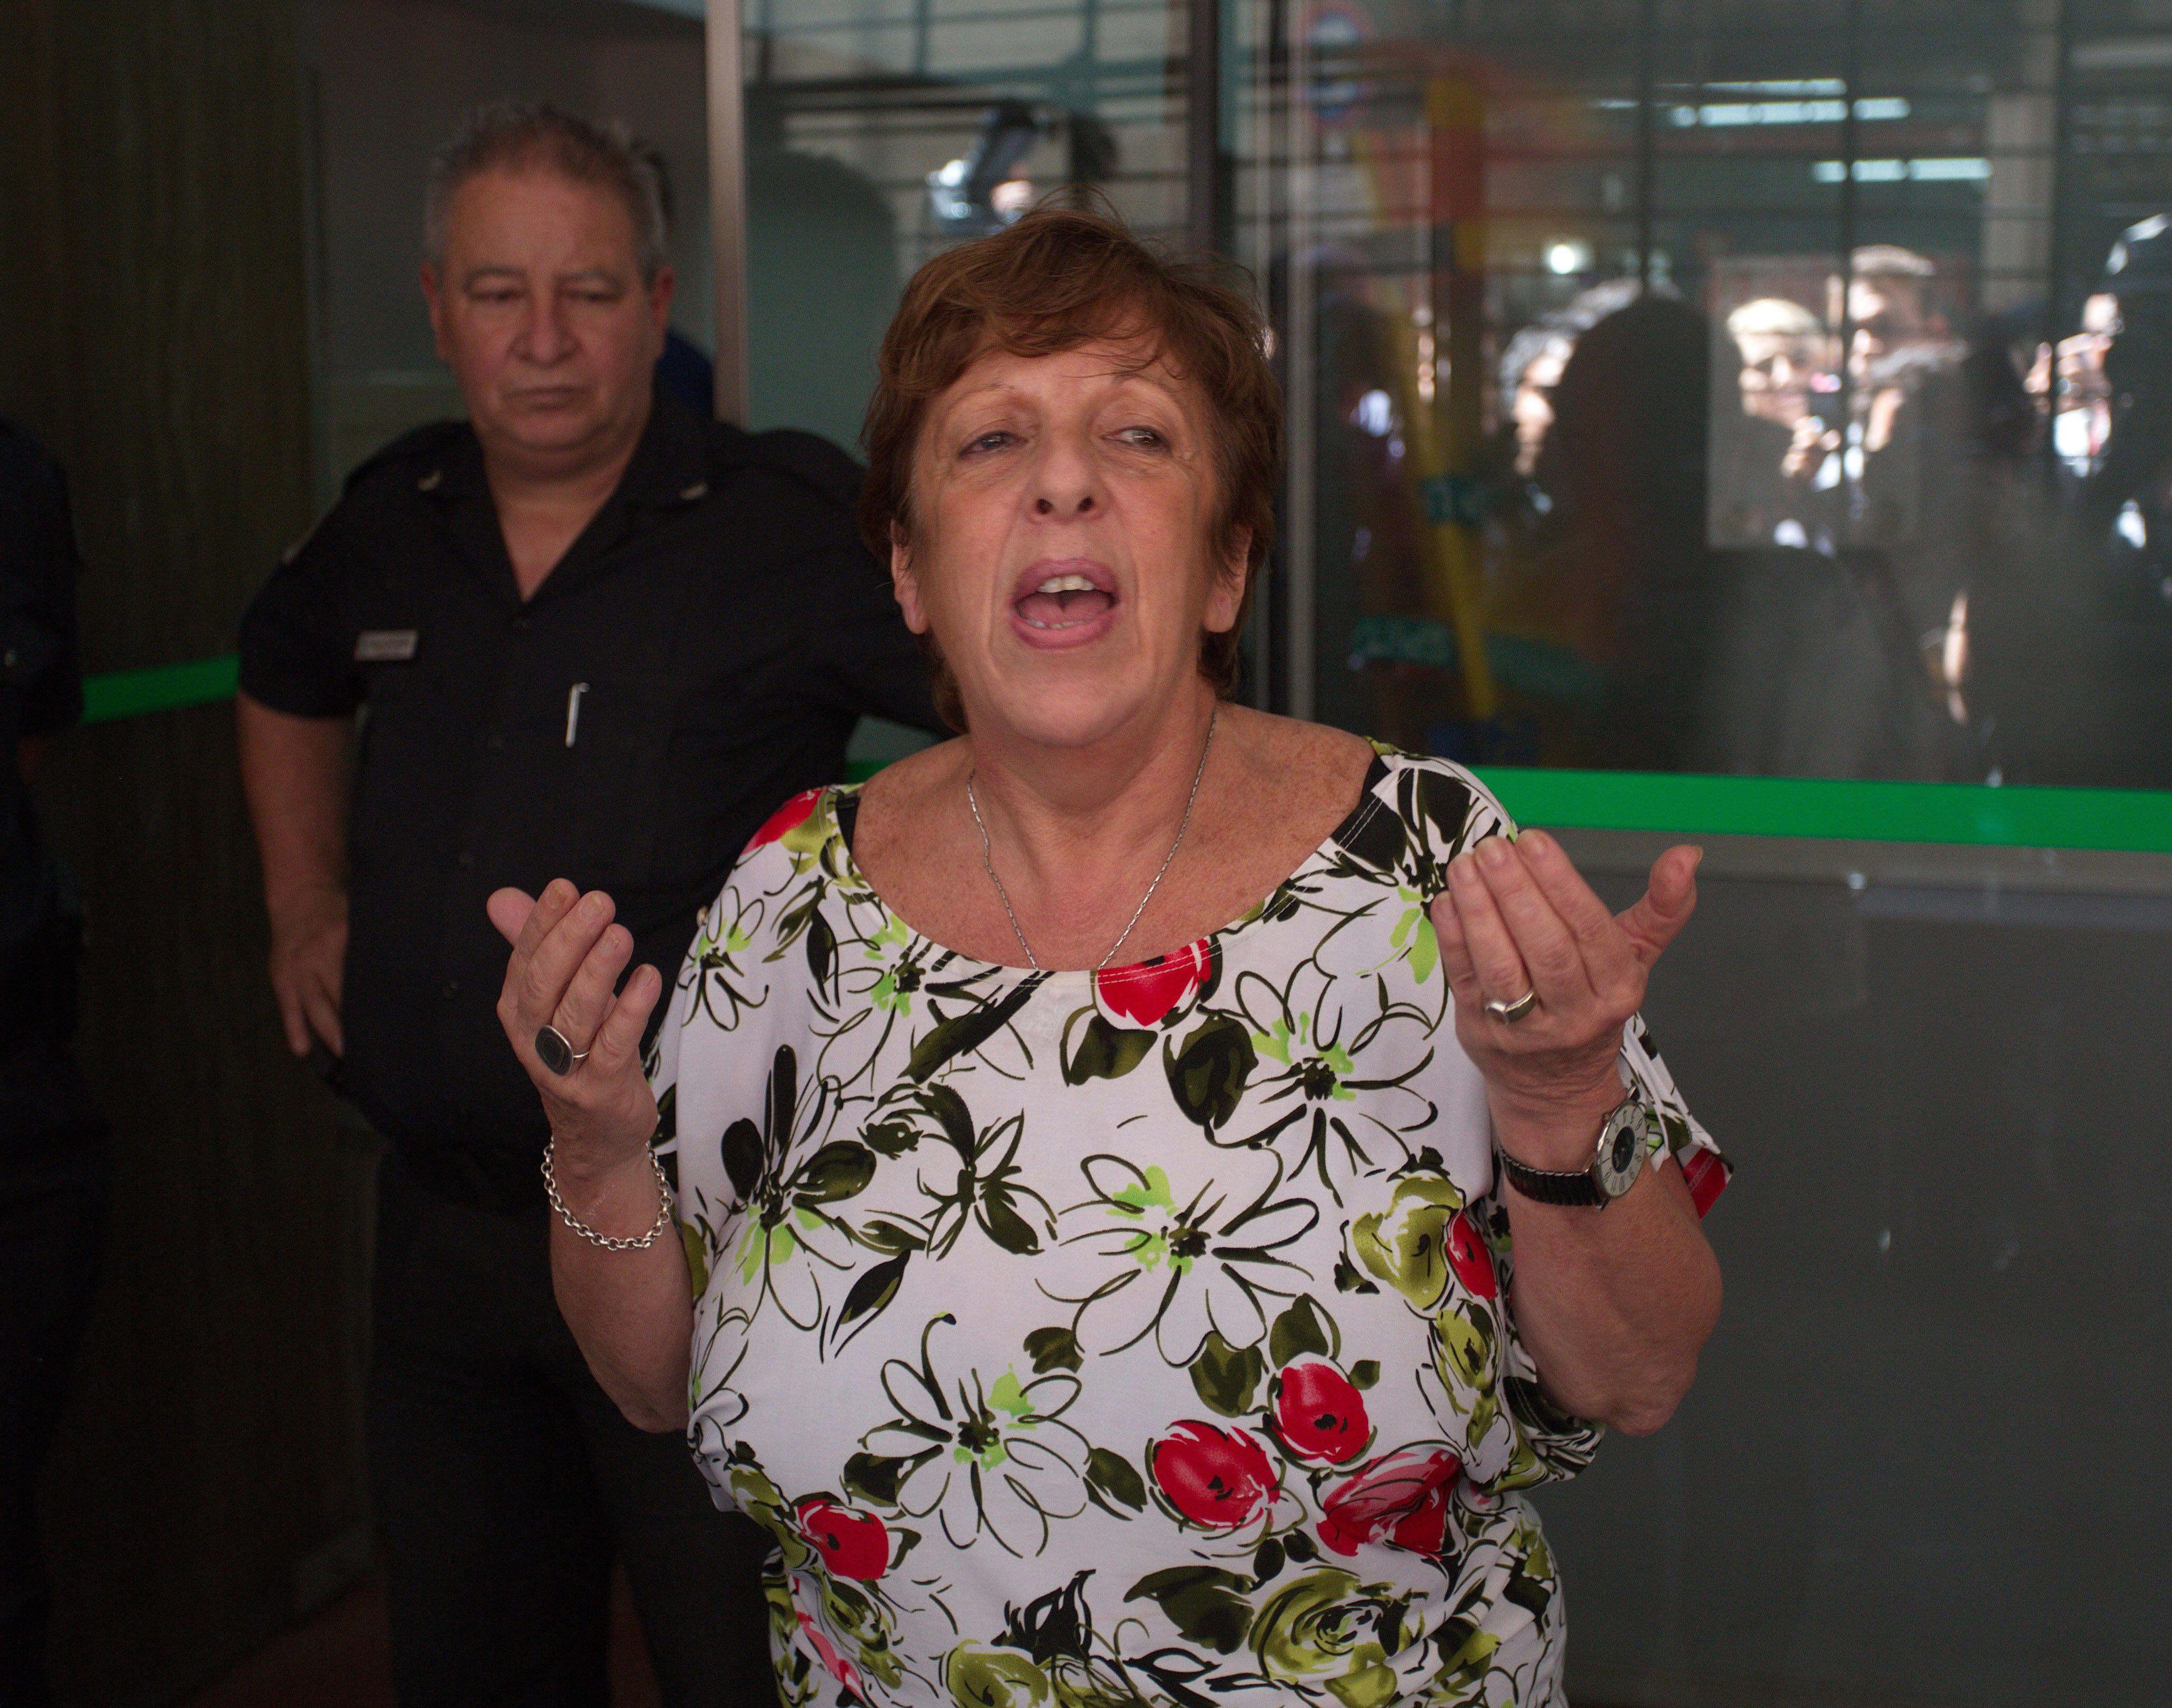 La fiscal Viviana Fein seguirá al frente de la investigación de la muerte de Alberto Nisman.